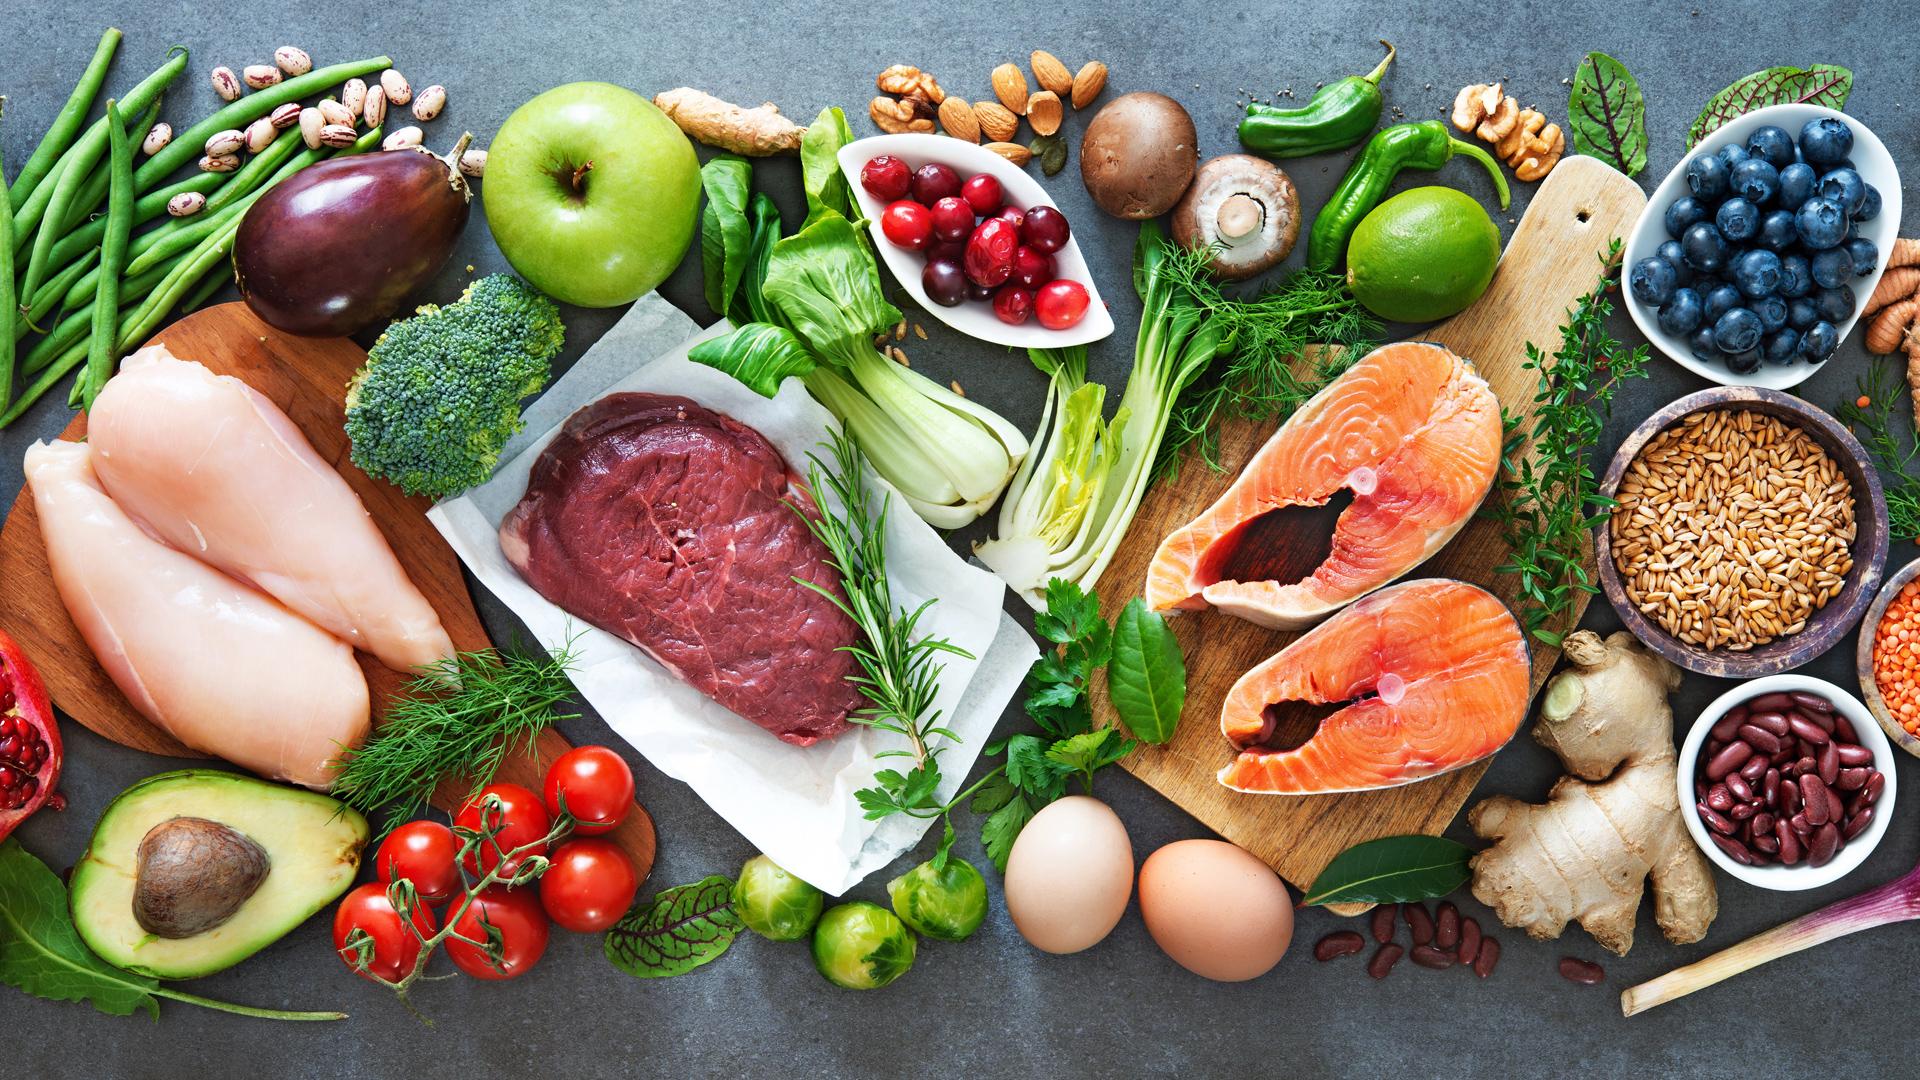 6 loại thực phẩm bổ máu cho người thiếu máu do thiếu sắt bạn cần biết